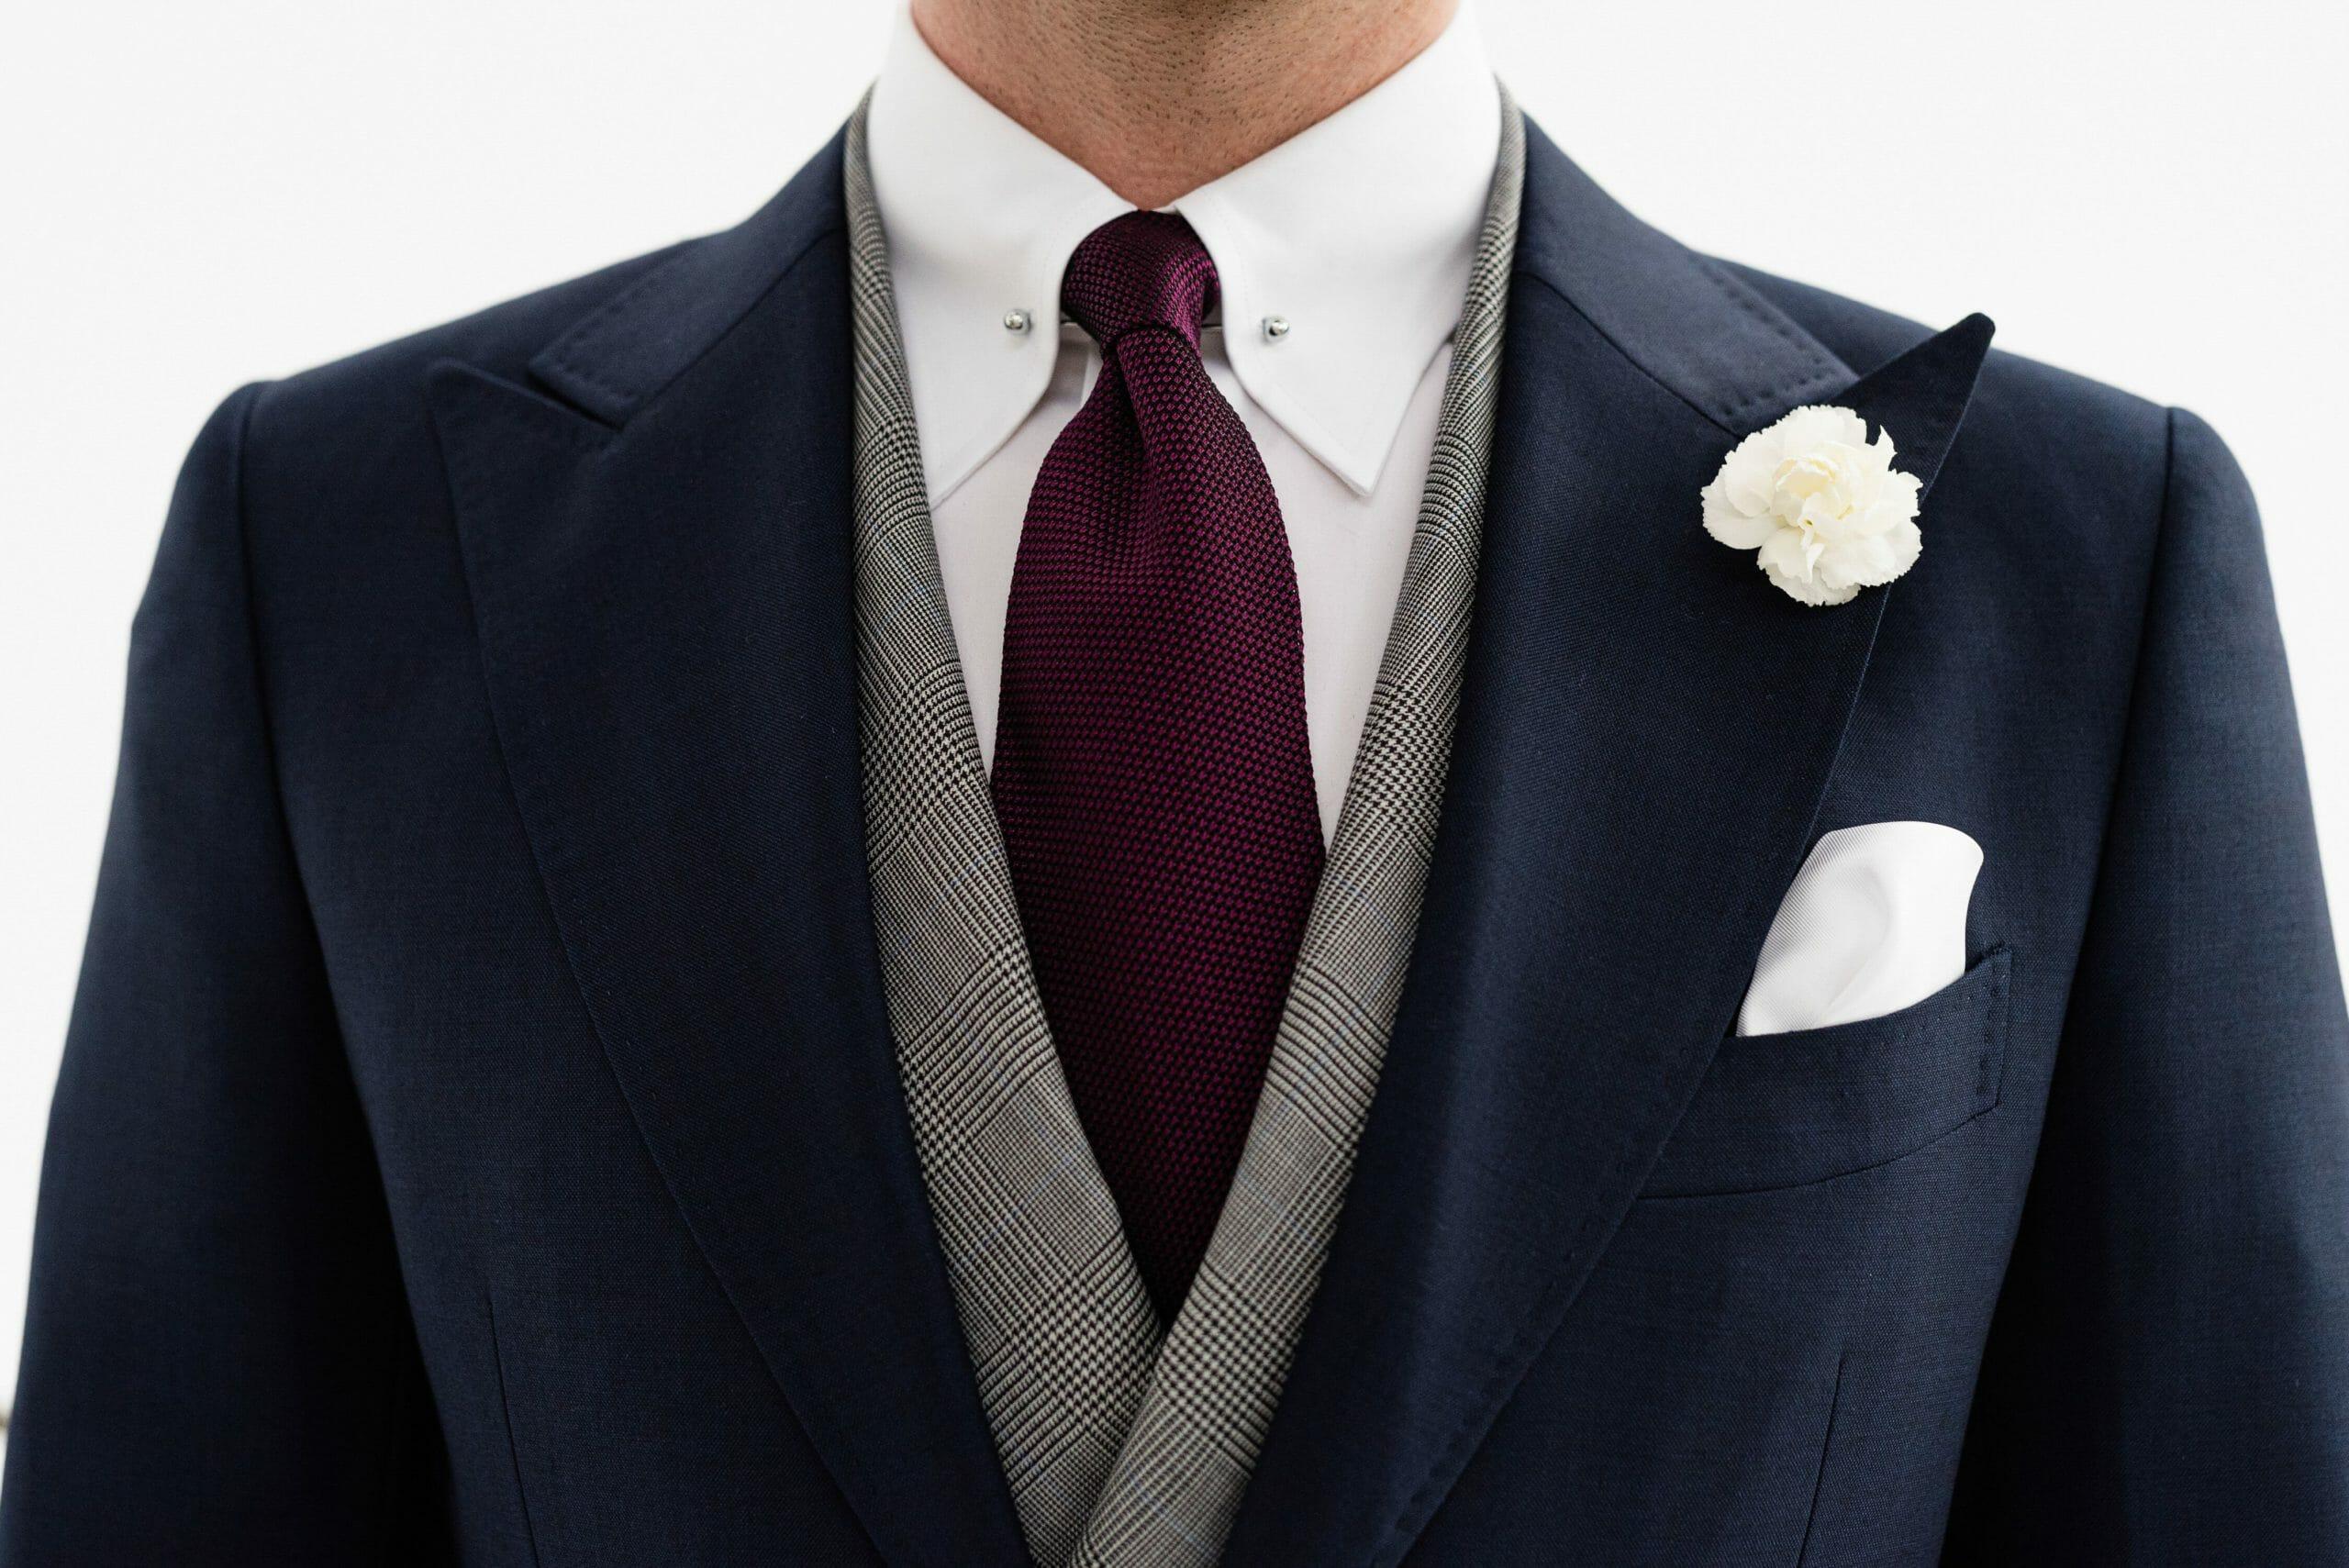 Koszula do czarnego garnituru jaka Jak dobrać